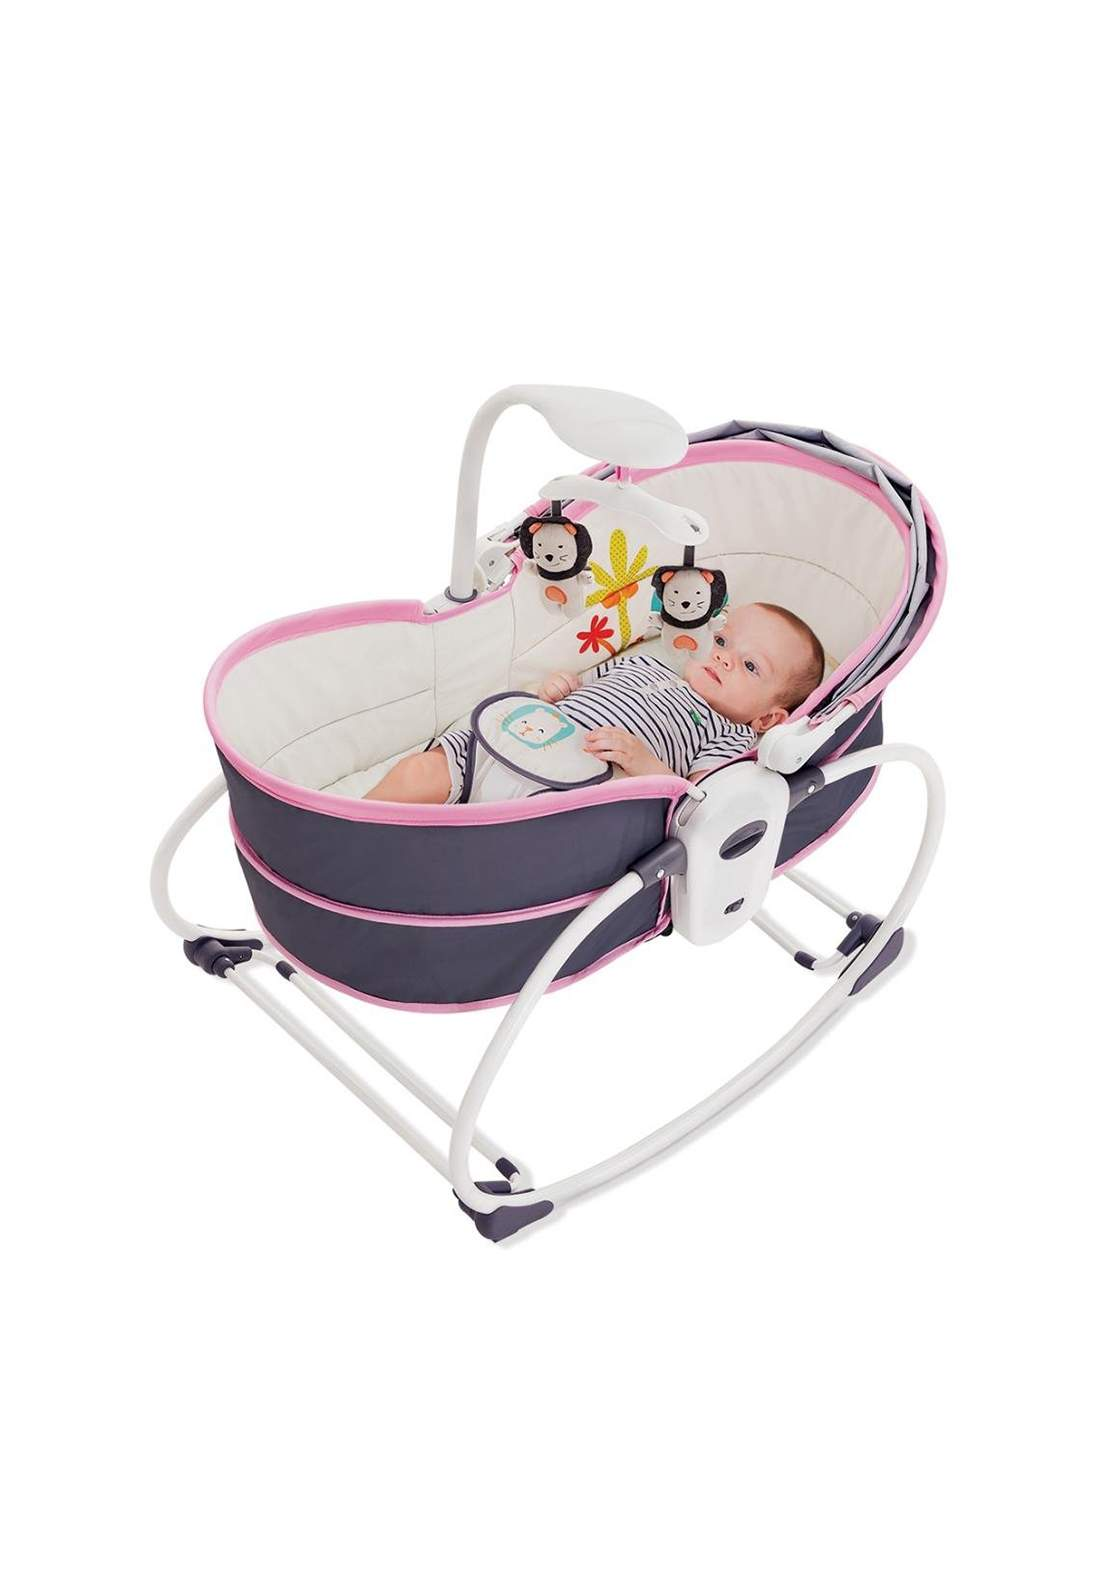 Chair Moises 5 In 1 Gray And Pink Mastela  6033 طقم سرير أطفال مهد هزاز